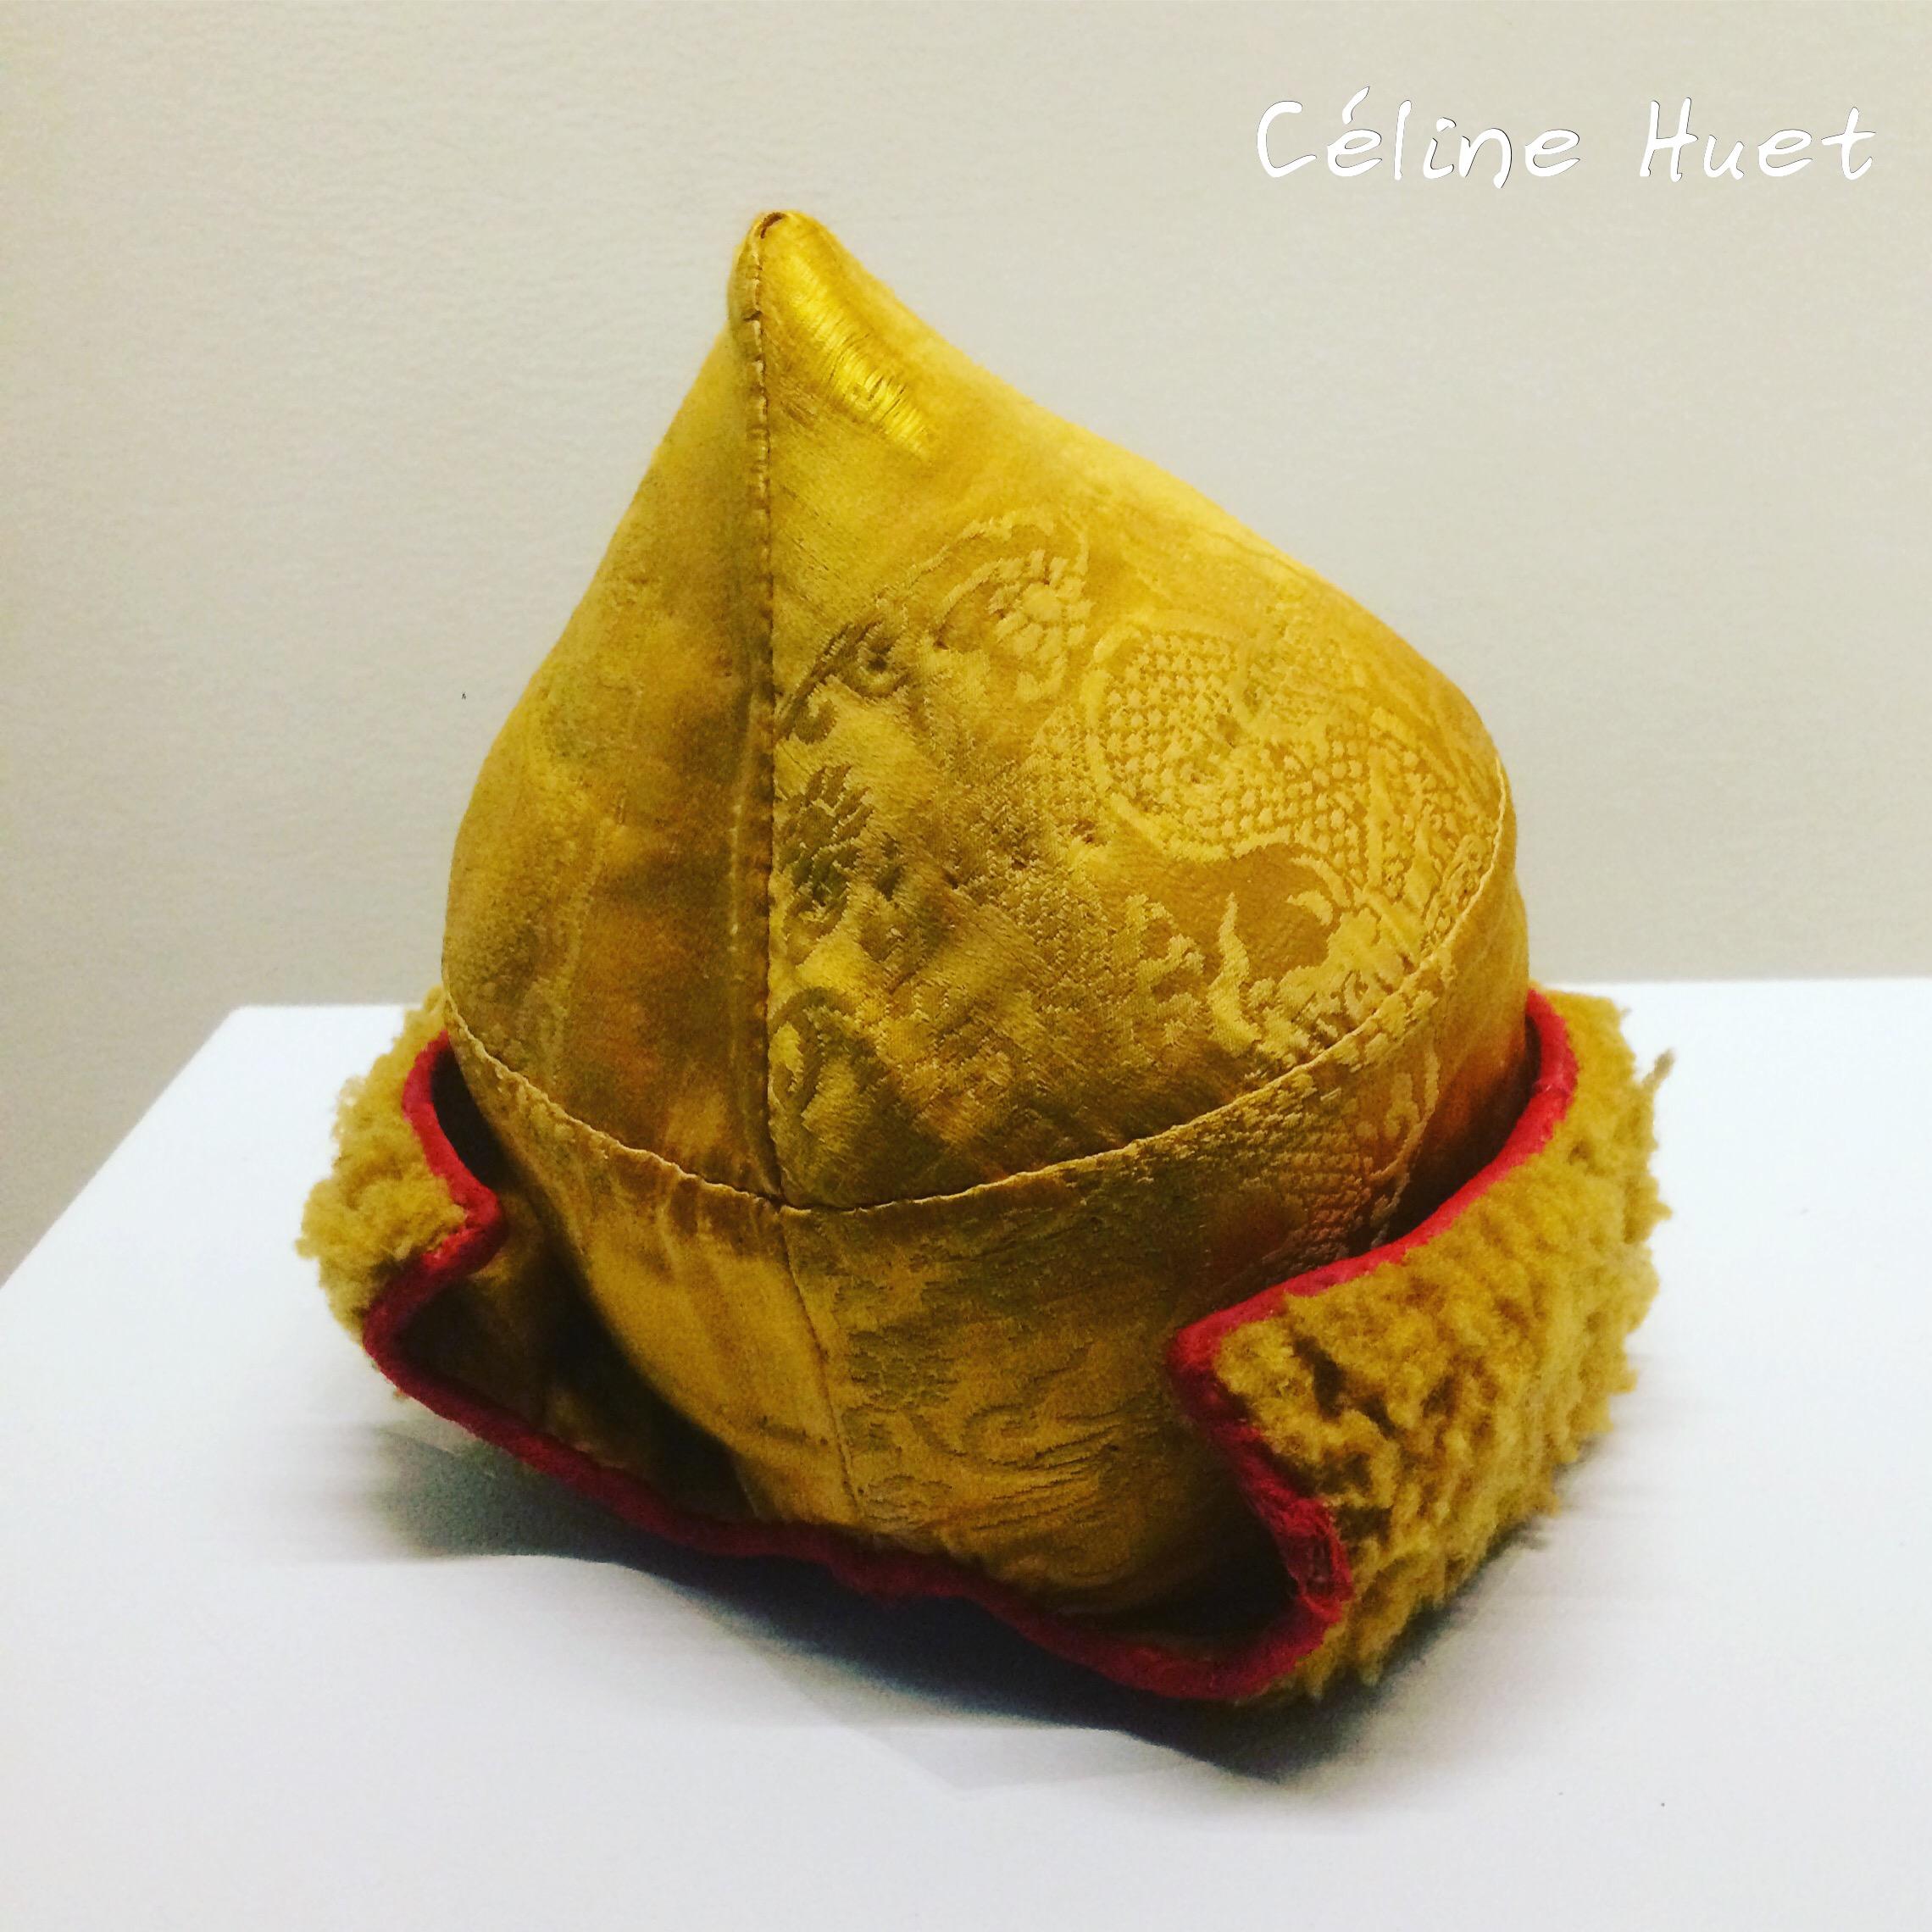 Son bonnet tibétain Exposition Alexandra David-Néel Musée Guimet Paris